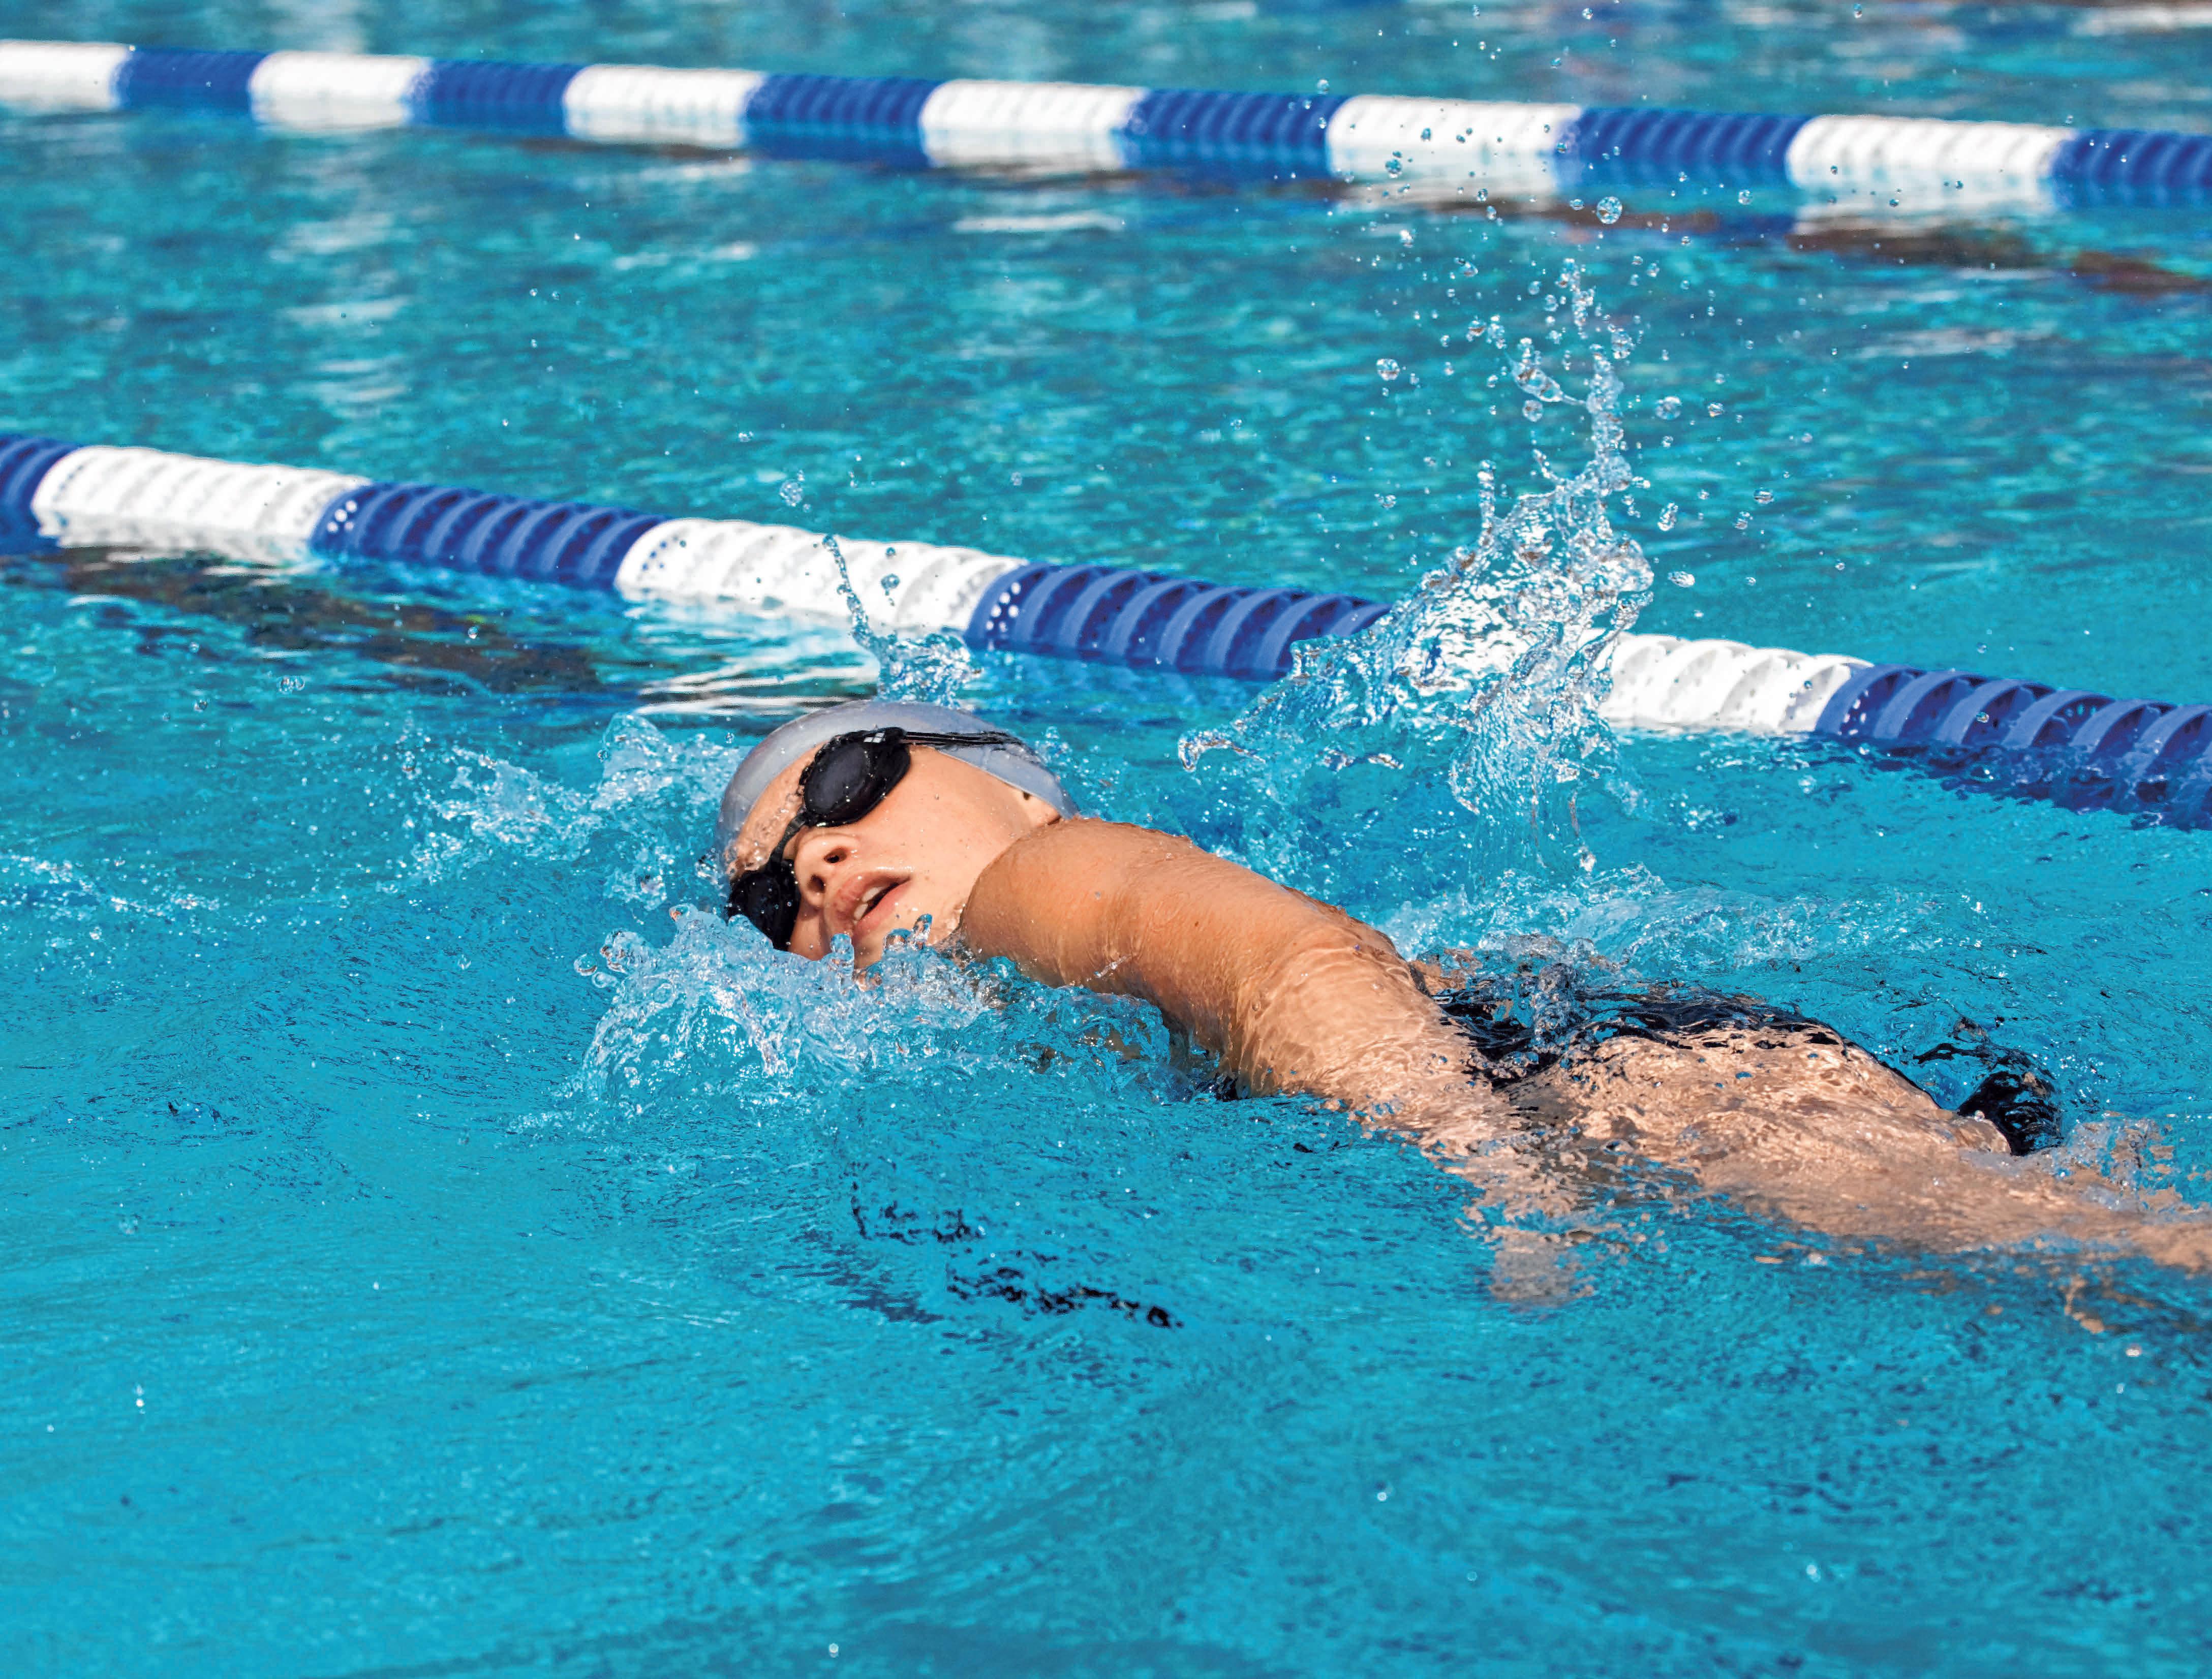 Schwimmen ist ein guter Ausgleich für die Rückenmuskulatur. FOTO: LASSE NOERBAEK